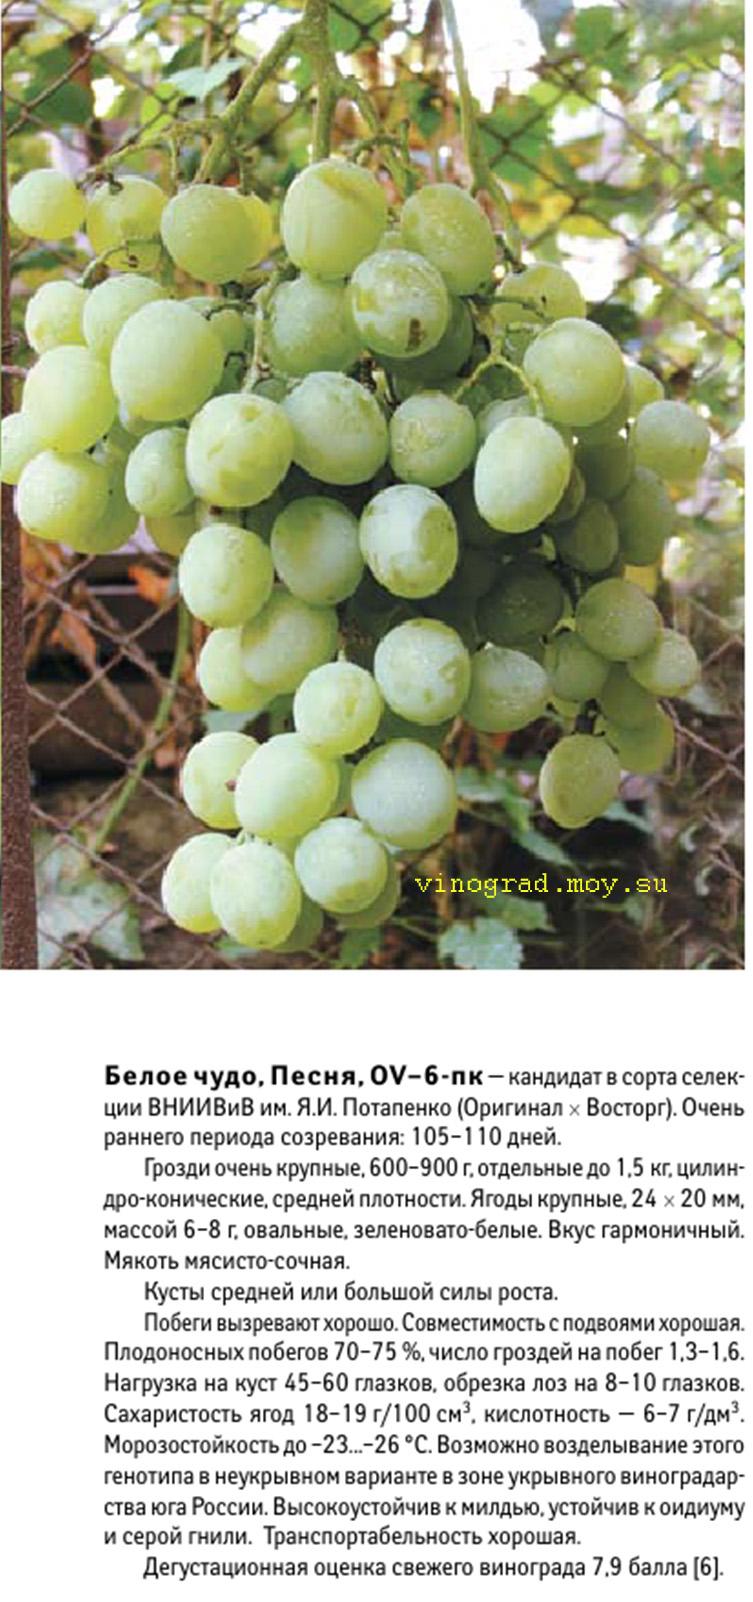 пожарной инспекции виноград песня описание сорта фото добавленные компании